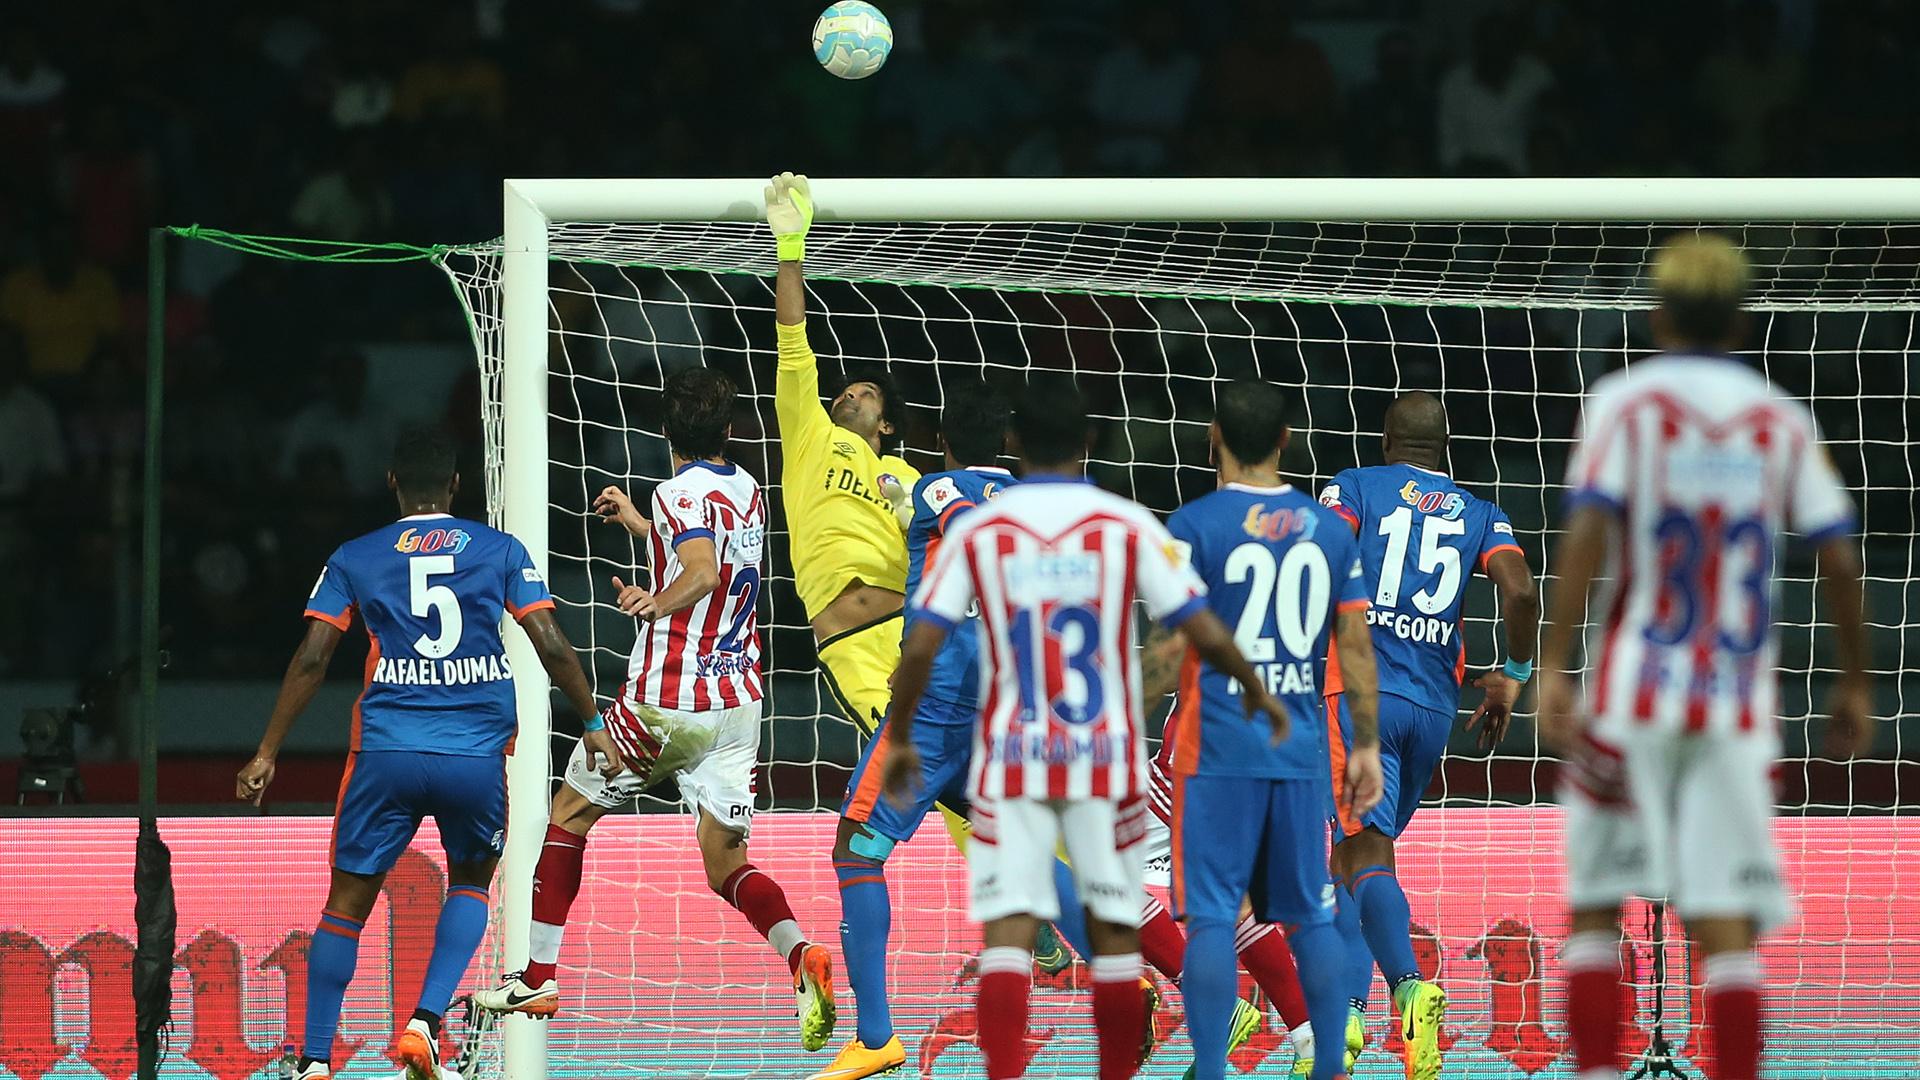 Atletico de Kolkata FC Goa ISL season 3 2016